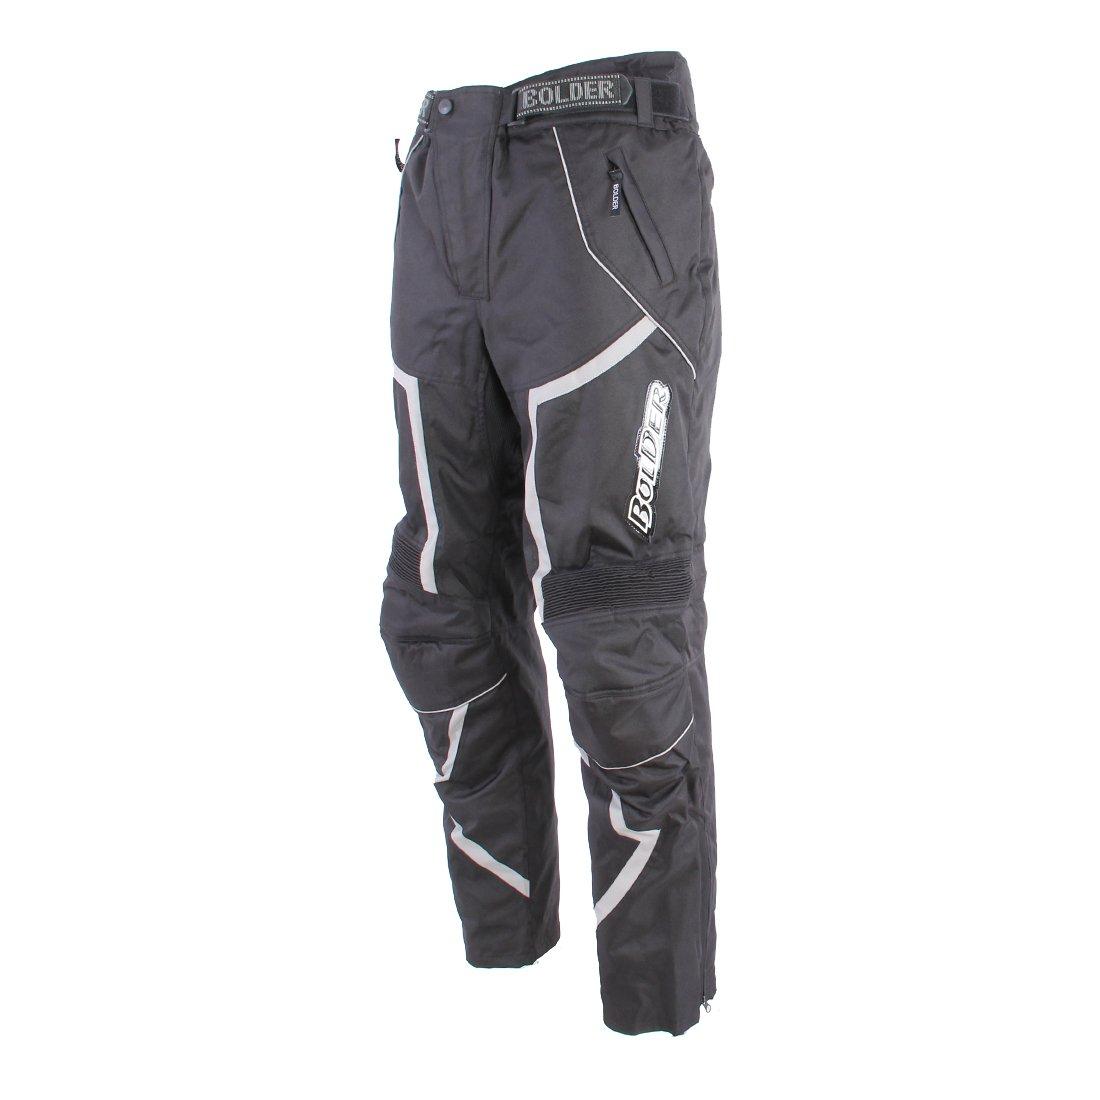 Motocyklové kalhoty BOLDER Enduro 544 (černé) S